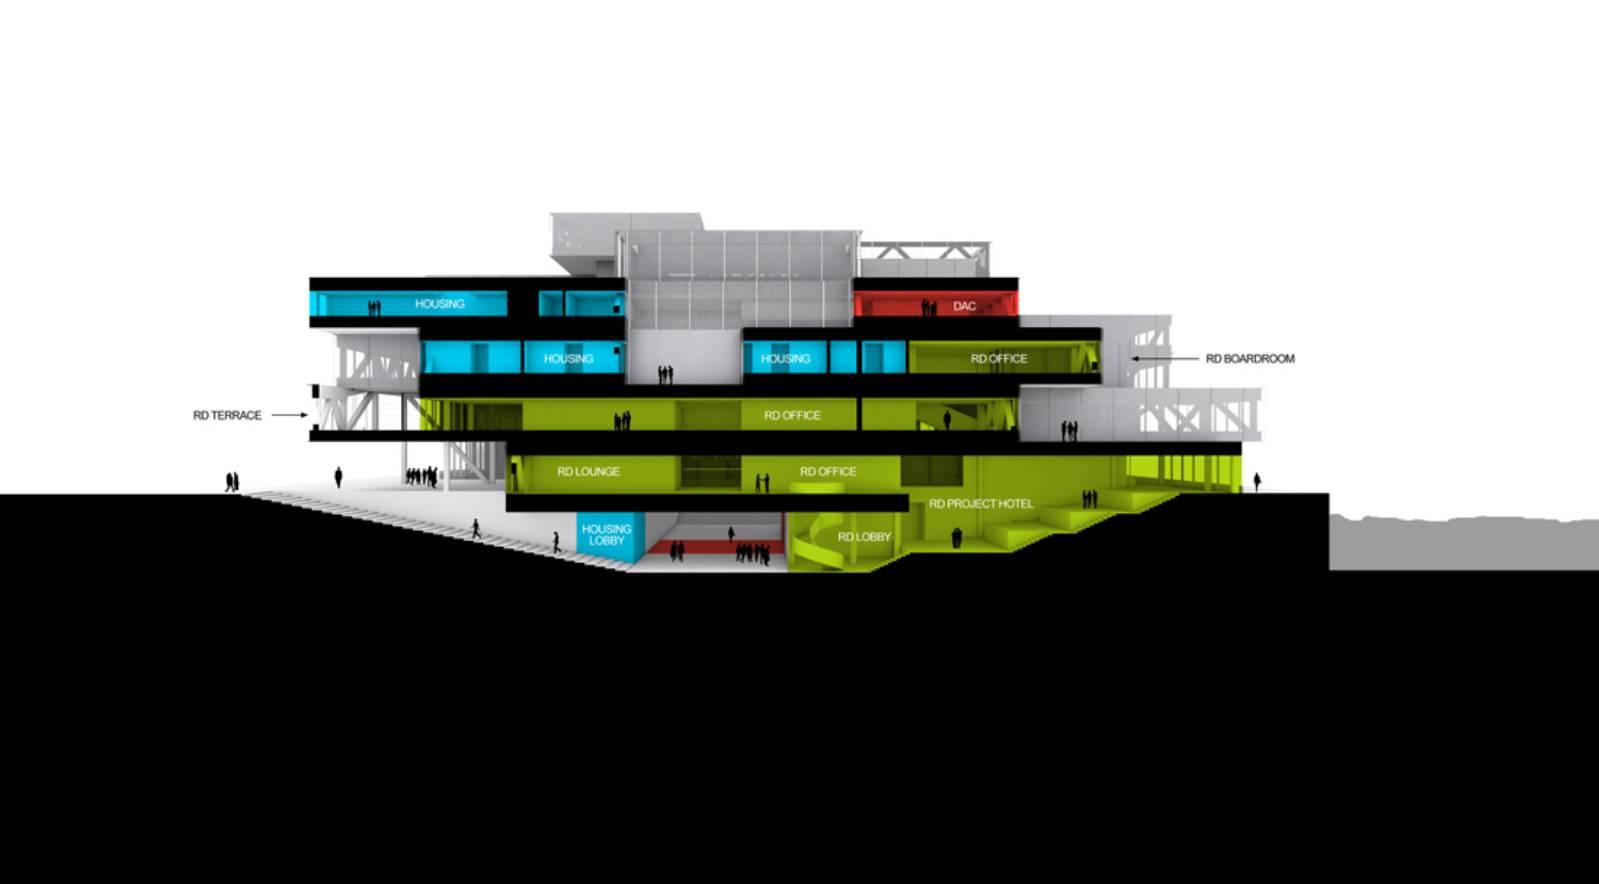 Construction begins of bryghusprojektet by oma bryghusprojektet by oma 15 pooptronica Choice Image